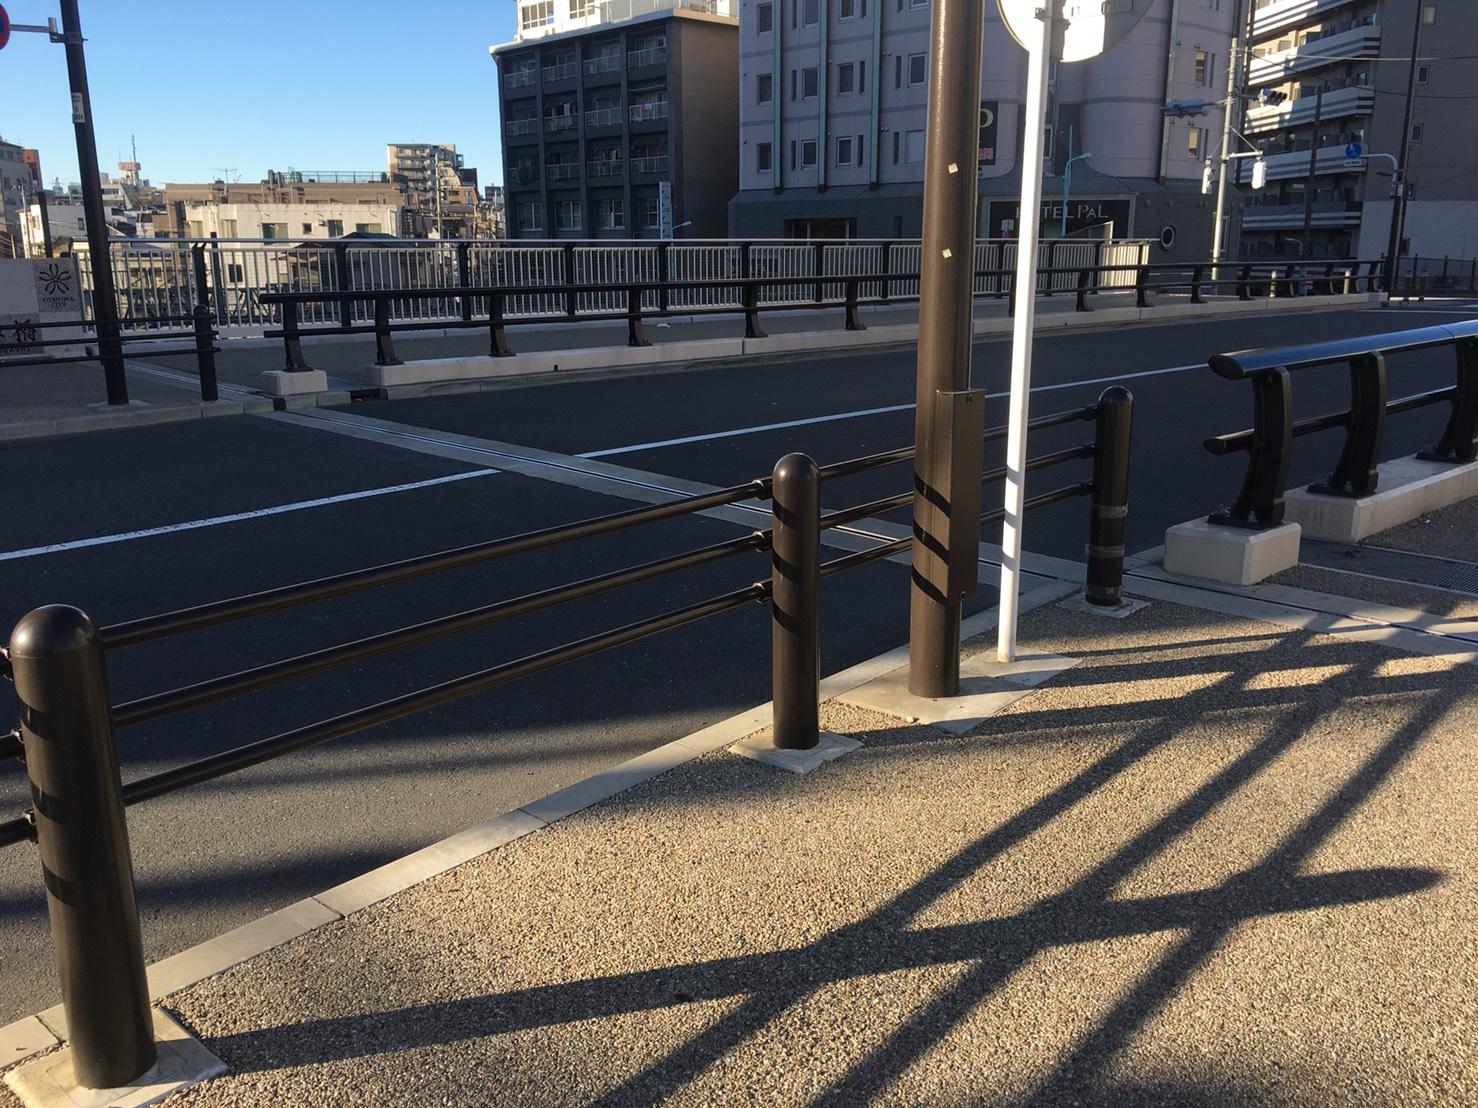 【大塚駅】ぶらり、ちょこっと大塚さんぽ。空蝉橋から抜けるスカイツリーが気持ちいい!の空蝉橋